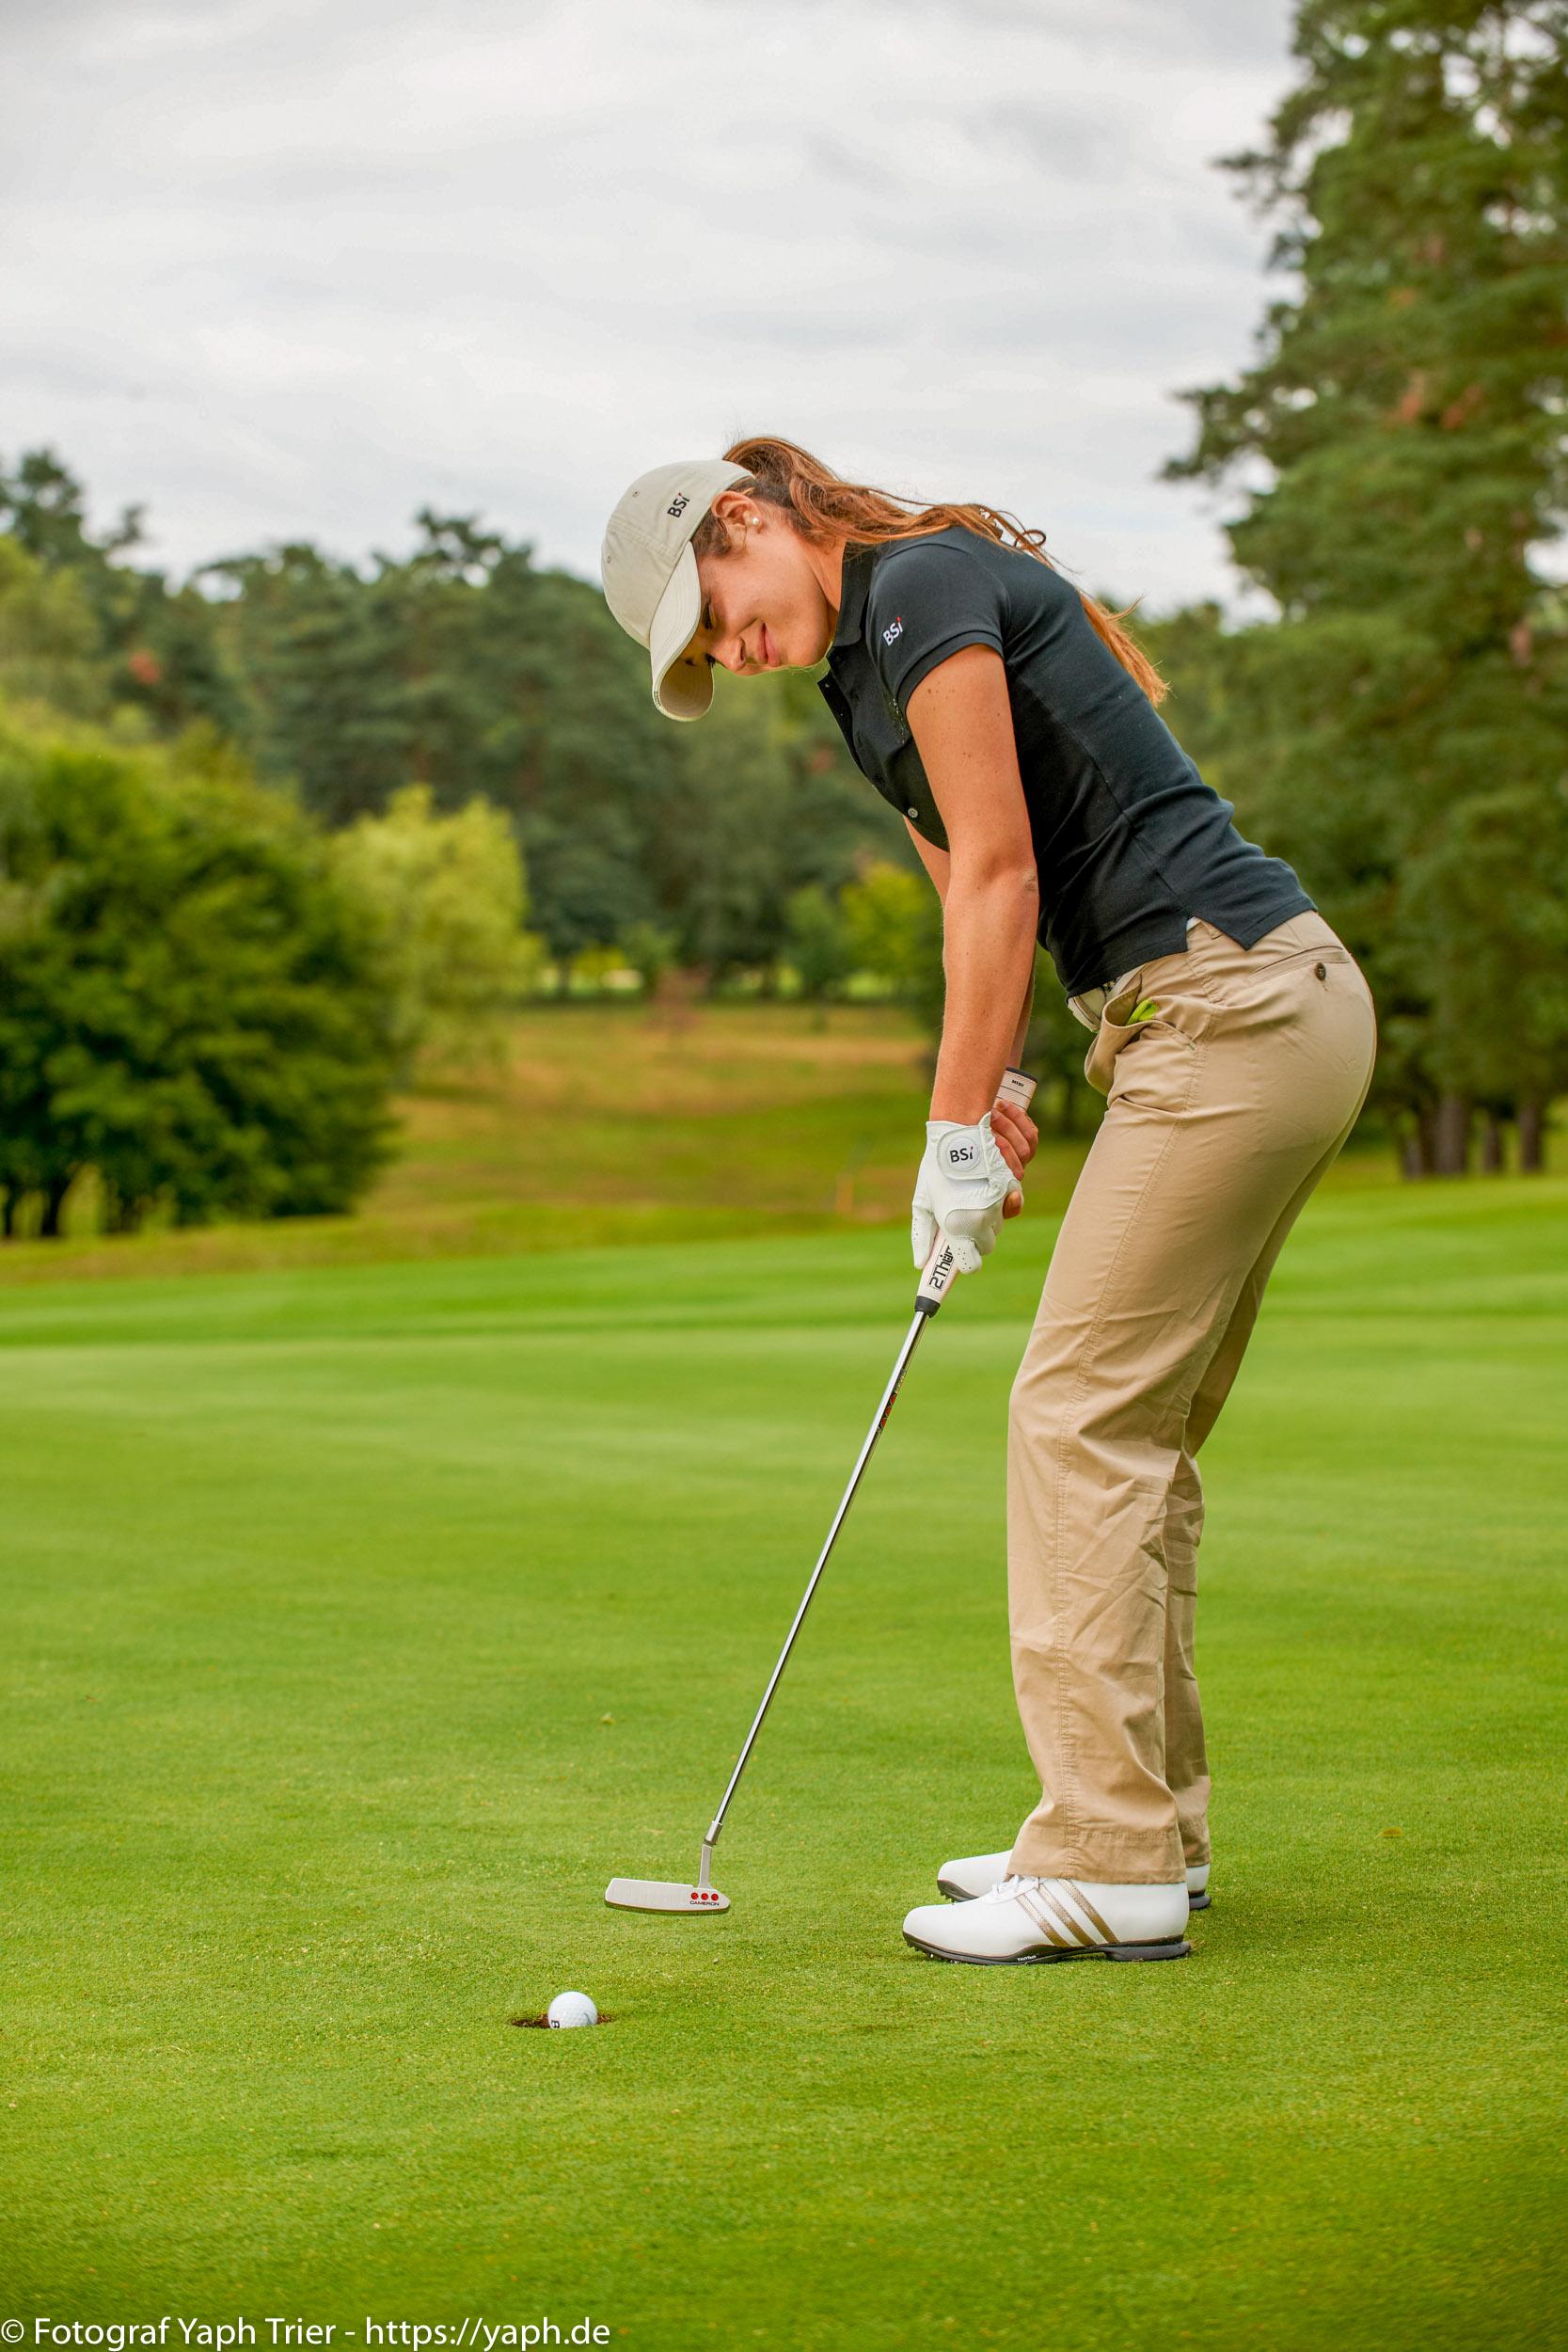 Liebelei Elena Lawrence - luxemburger Golfspielerin bei Fotograf Yaph - 39